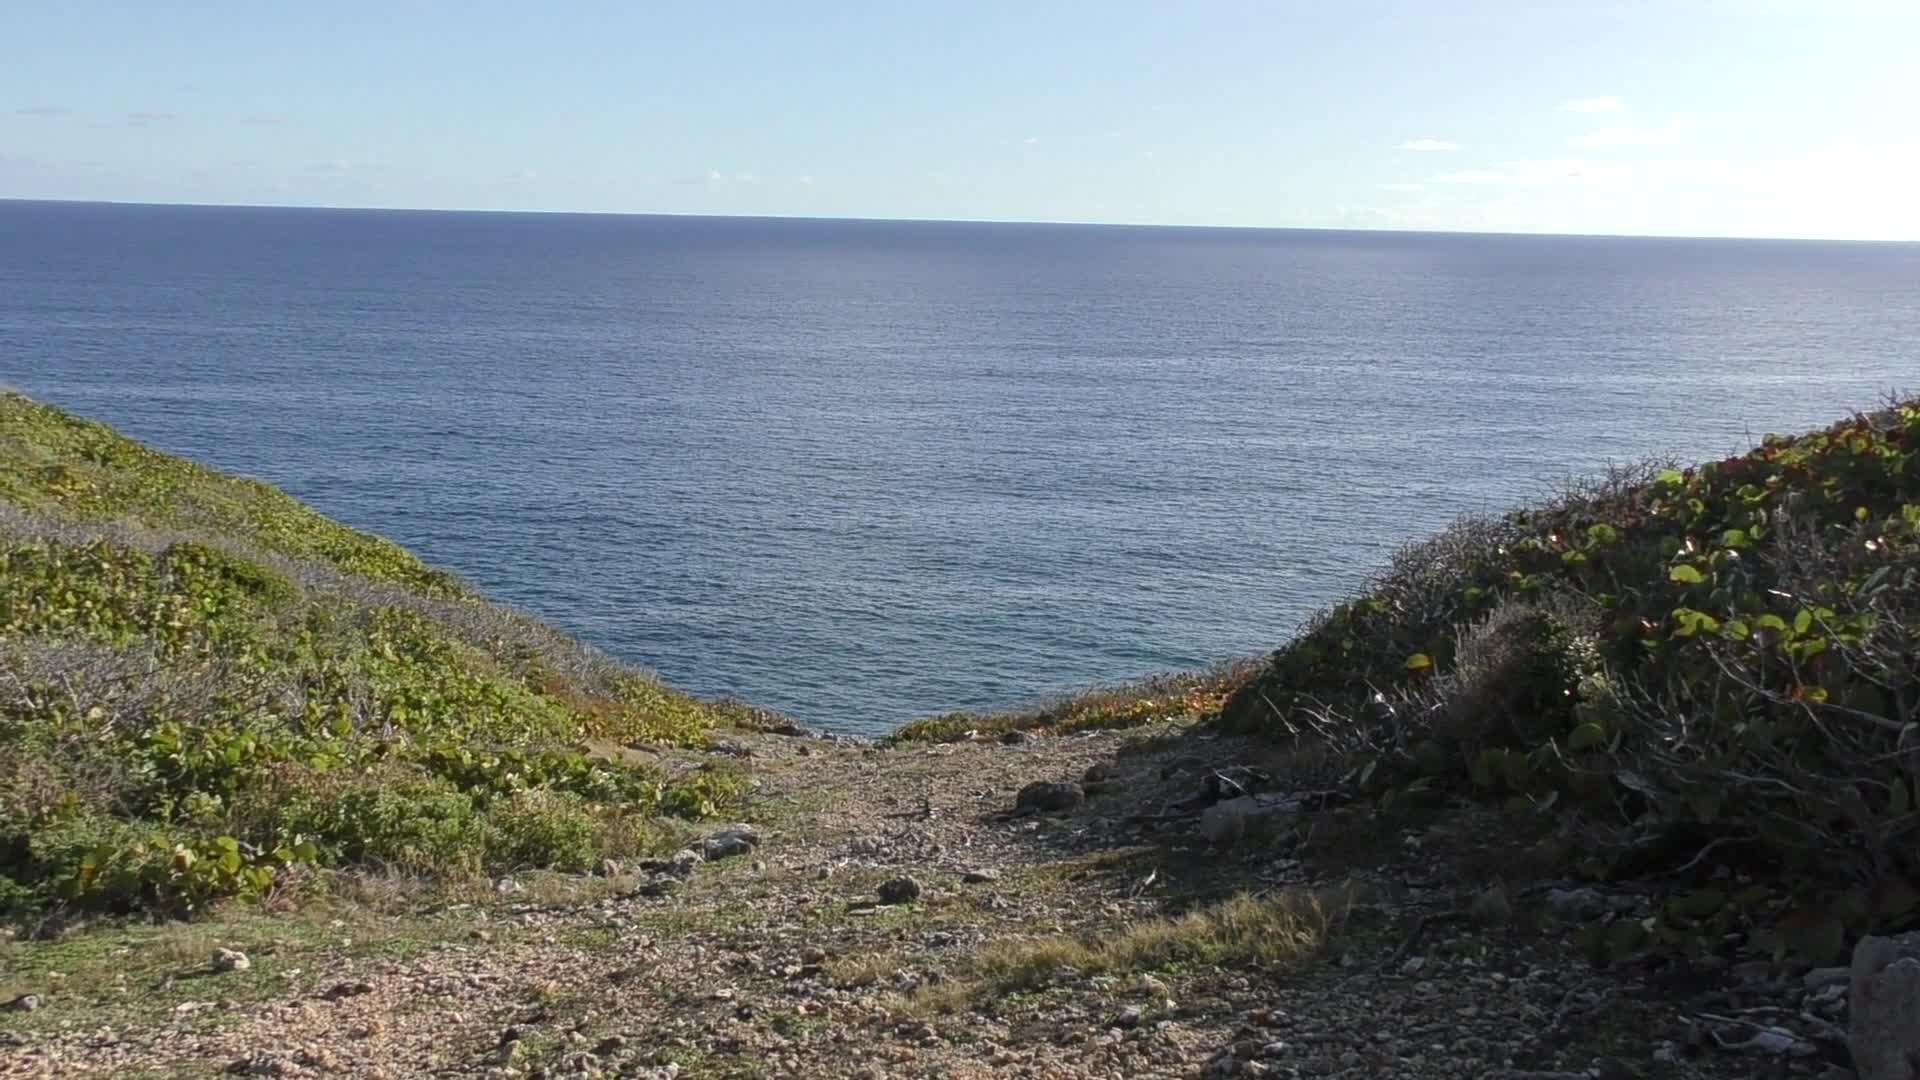 Randonnée nature : la découverte des falaises de Marie Galante et de la forêt xerophile